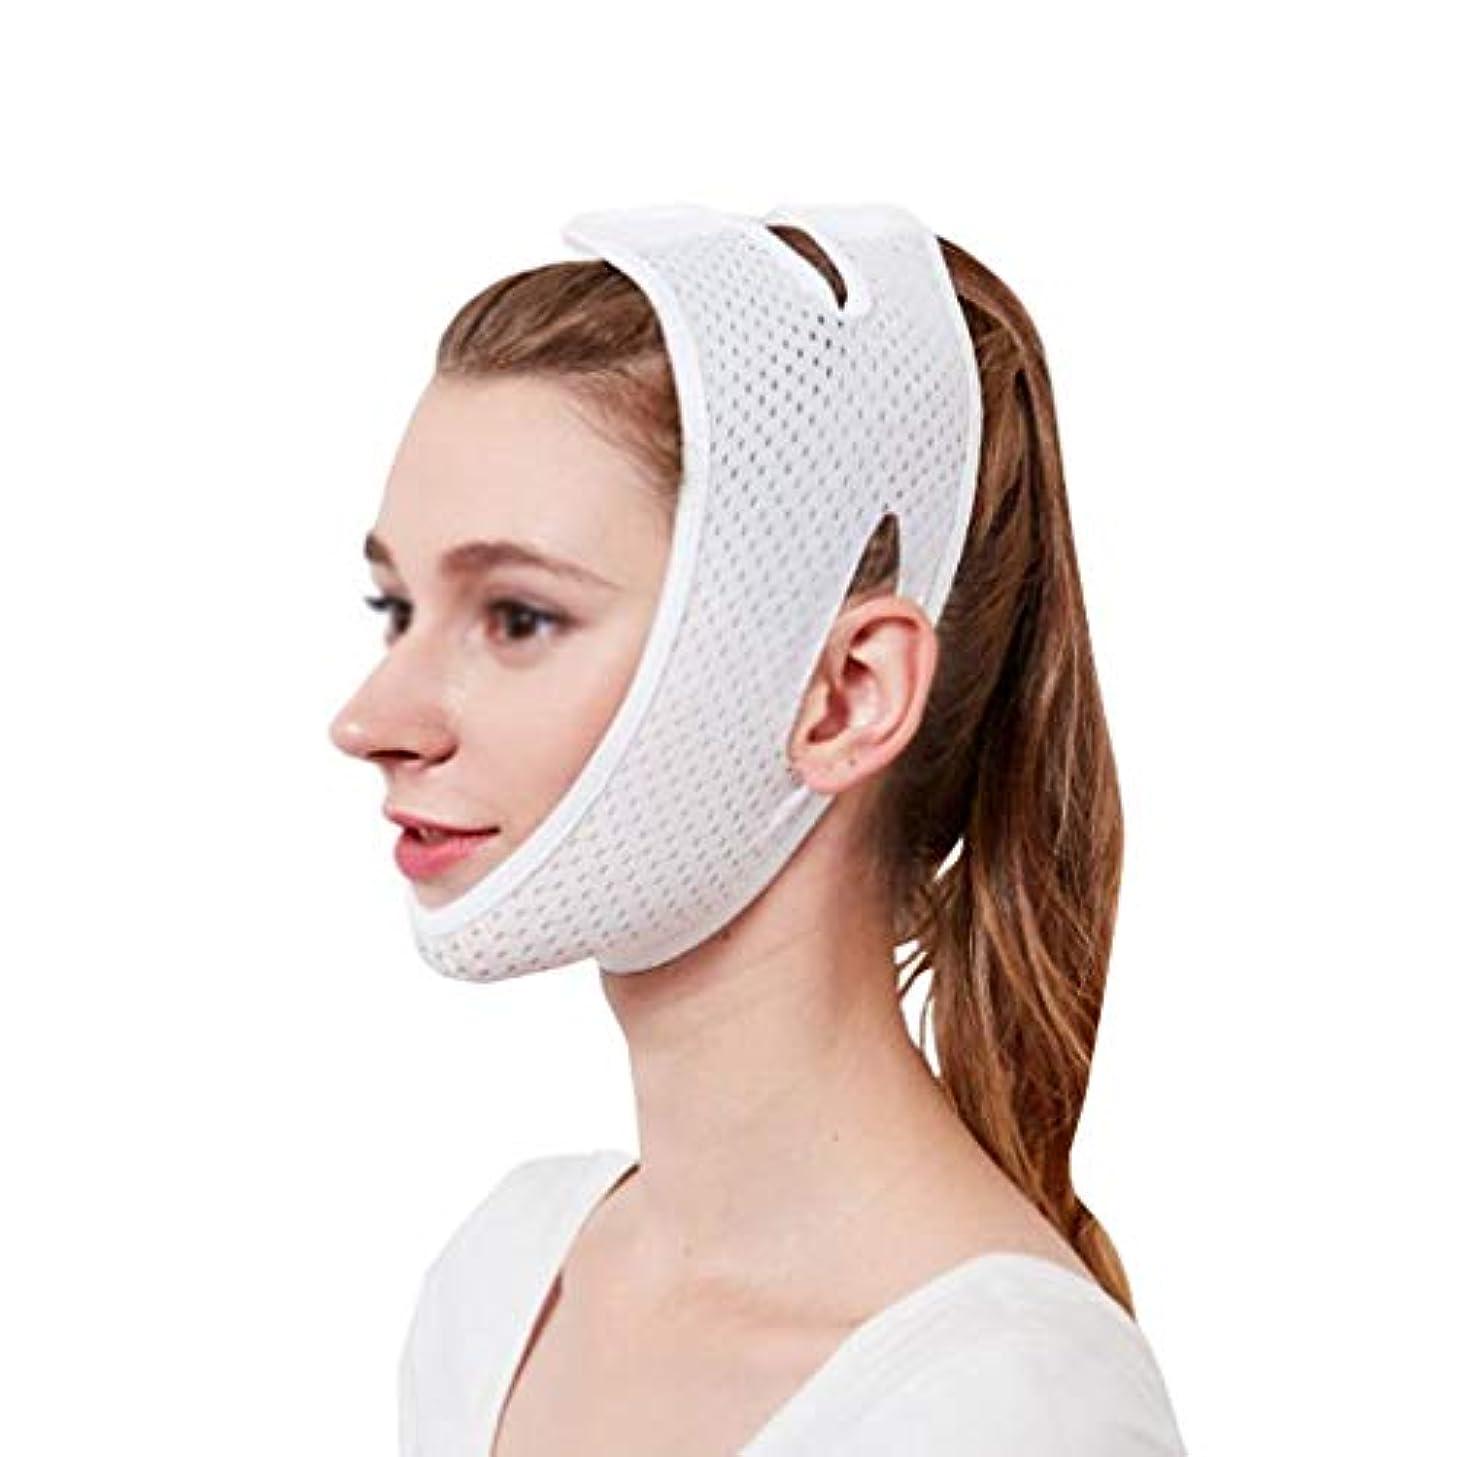 ボイコット不正直より多いZWBD フェイスマスク, 薄いフェイスマスク通気性睡眠ベルトアーティファクト包帯小さなVフェイス薄いダブルチンリフトフェイスマスク引き締めフェイスマスク